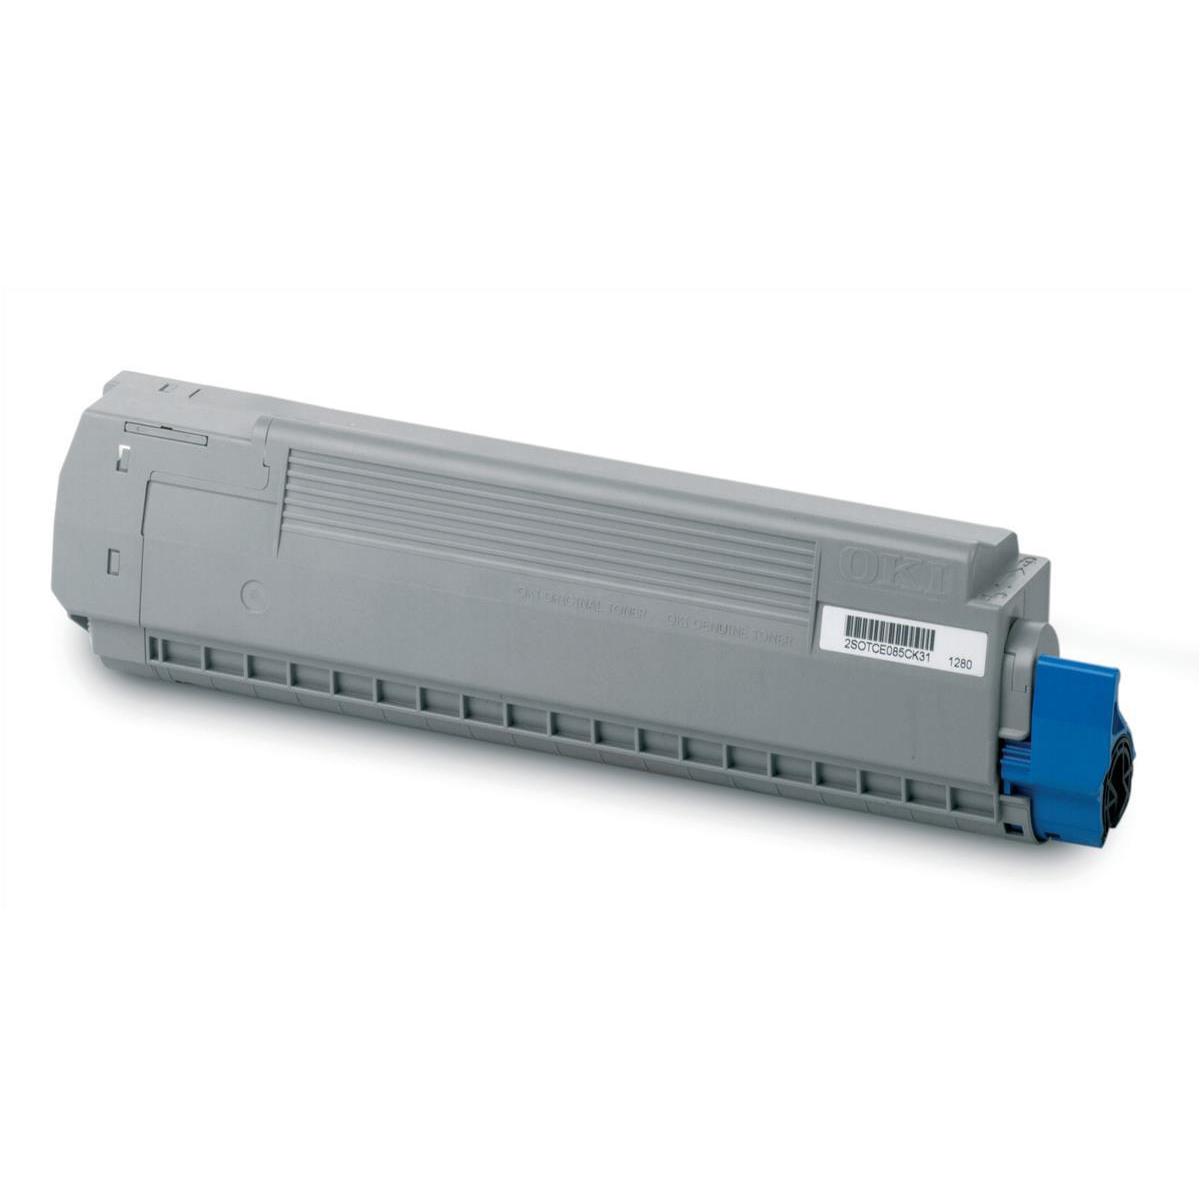 Oki Laser Toner Cartridge Page Life 10000pp Yellow Ref 44059209